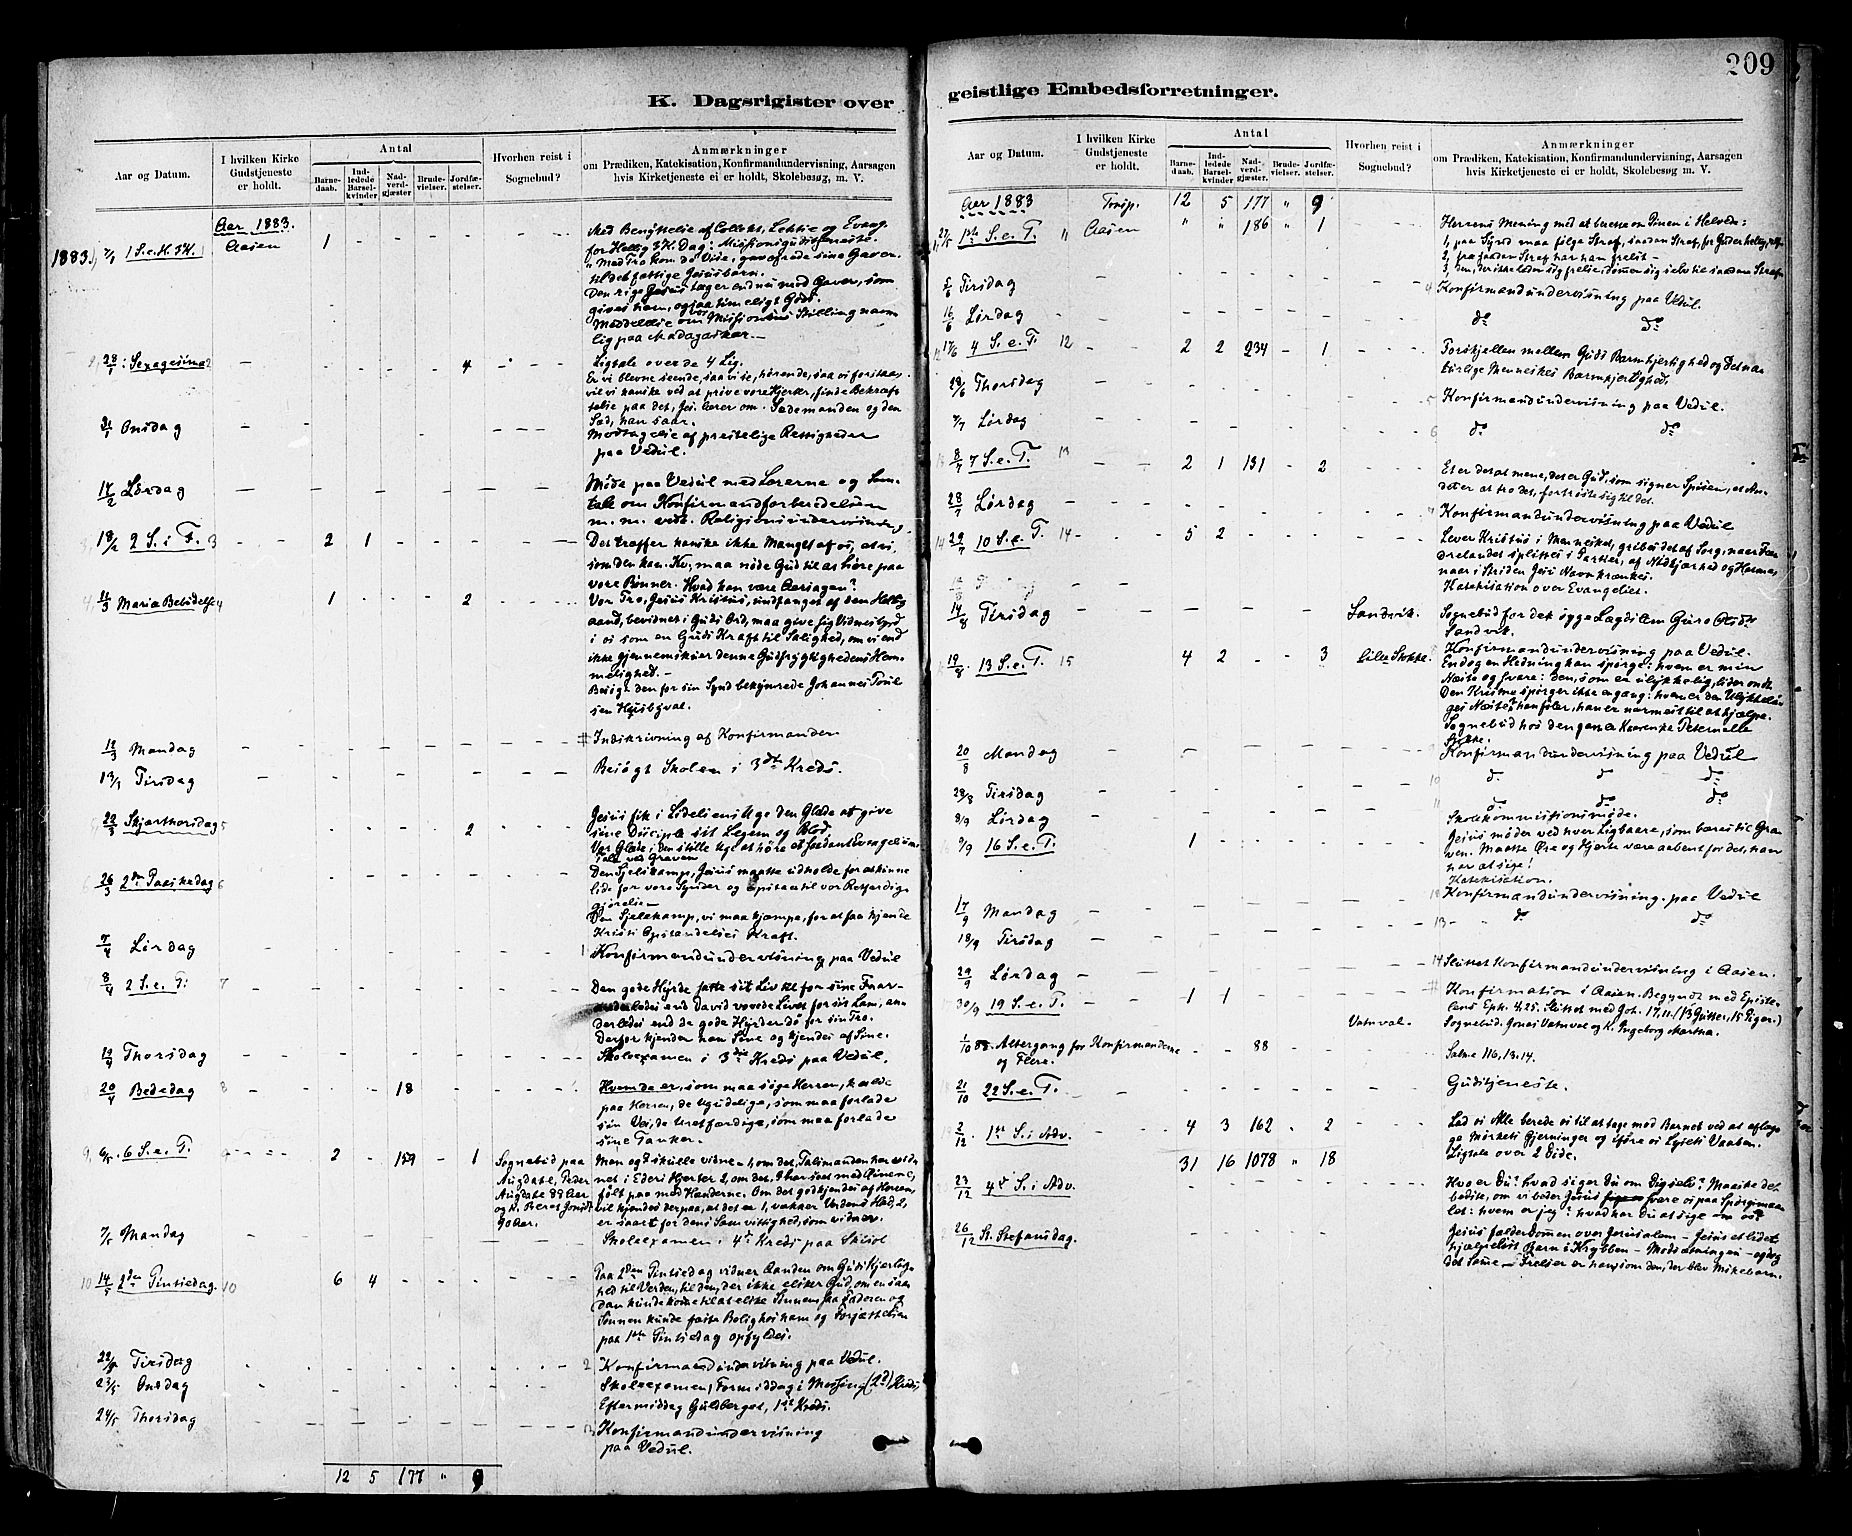 SAT, Ministerialprotokoller, klokkerbøker og fødselsregistre - Nord-Trøndelag, 714/L0130: Ministerialbok nr. 714A01, 1878-1895, s. 209